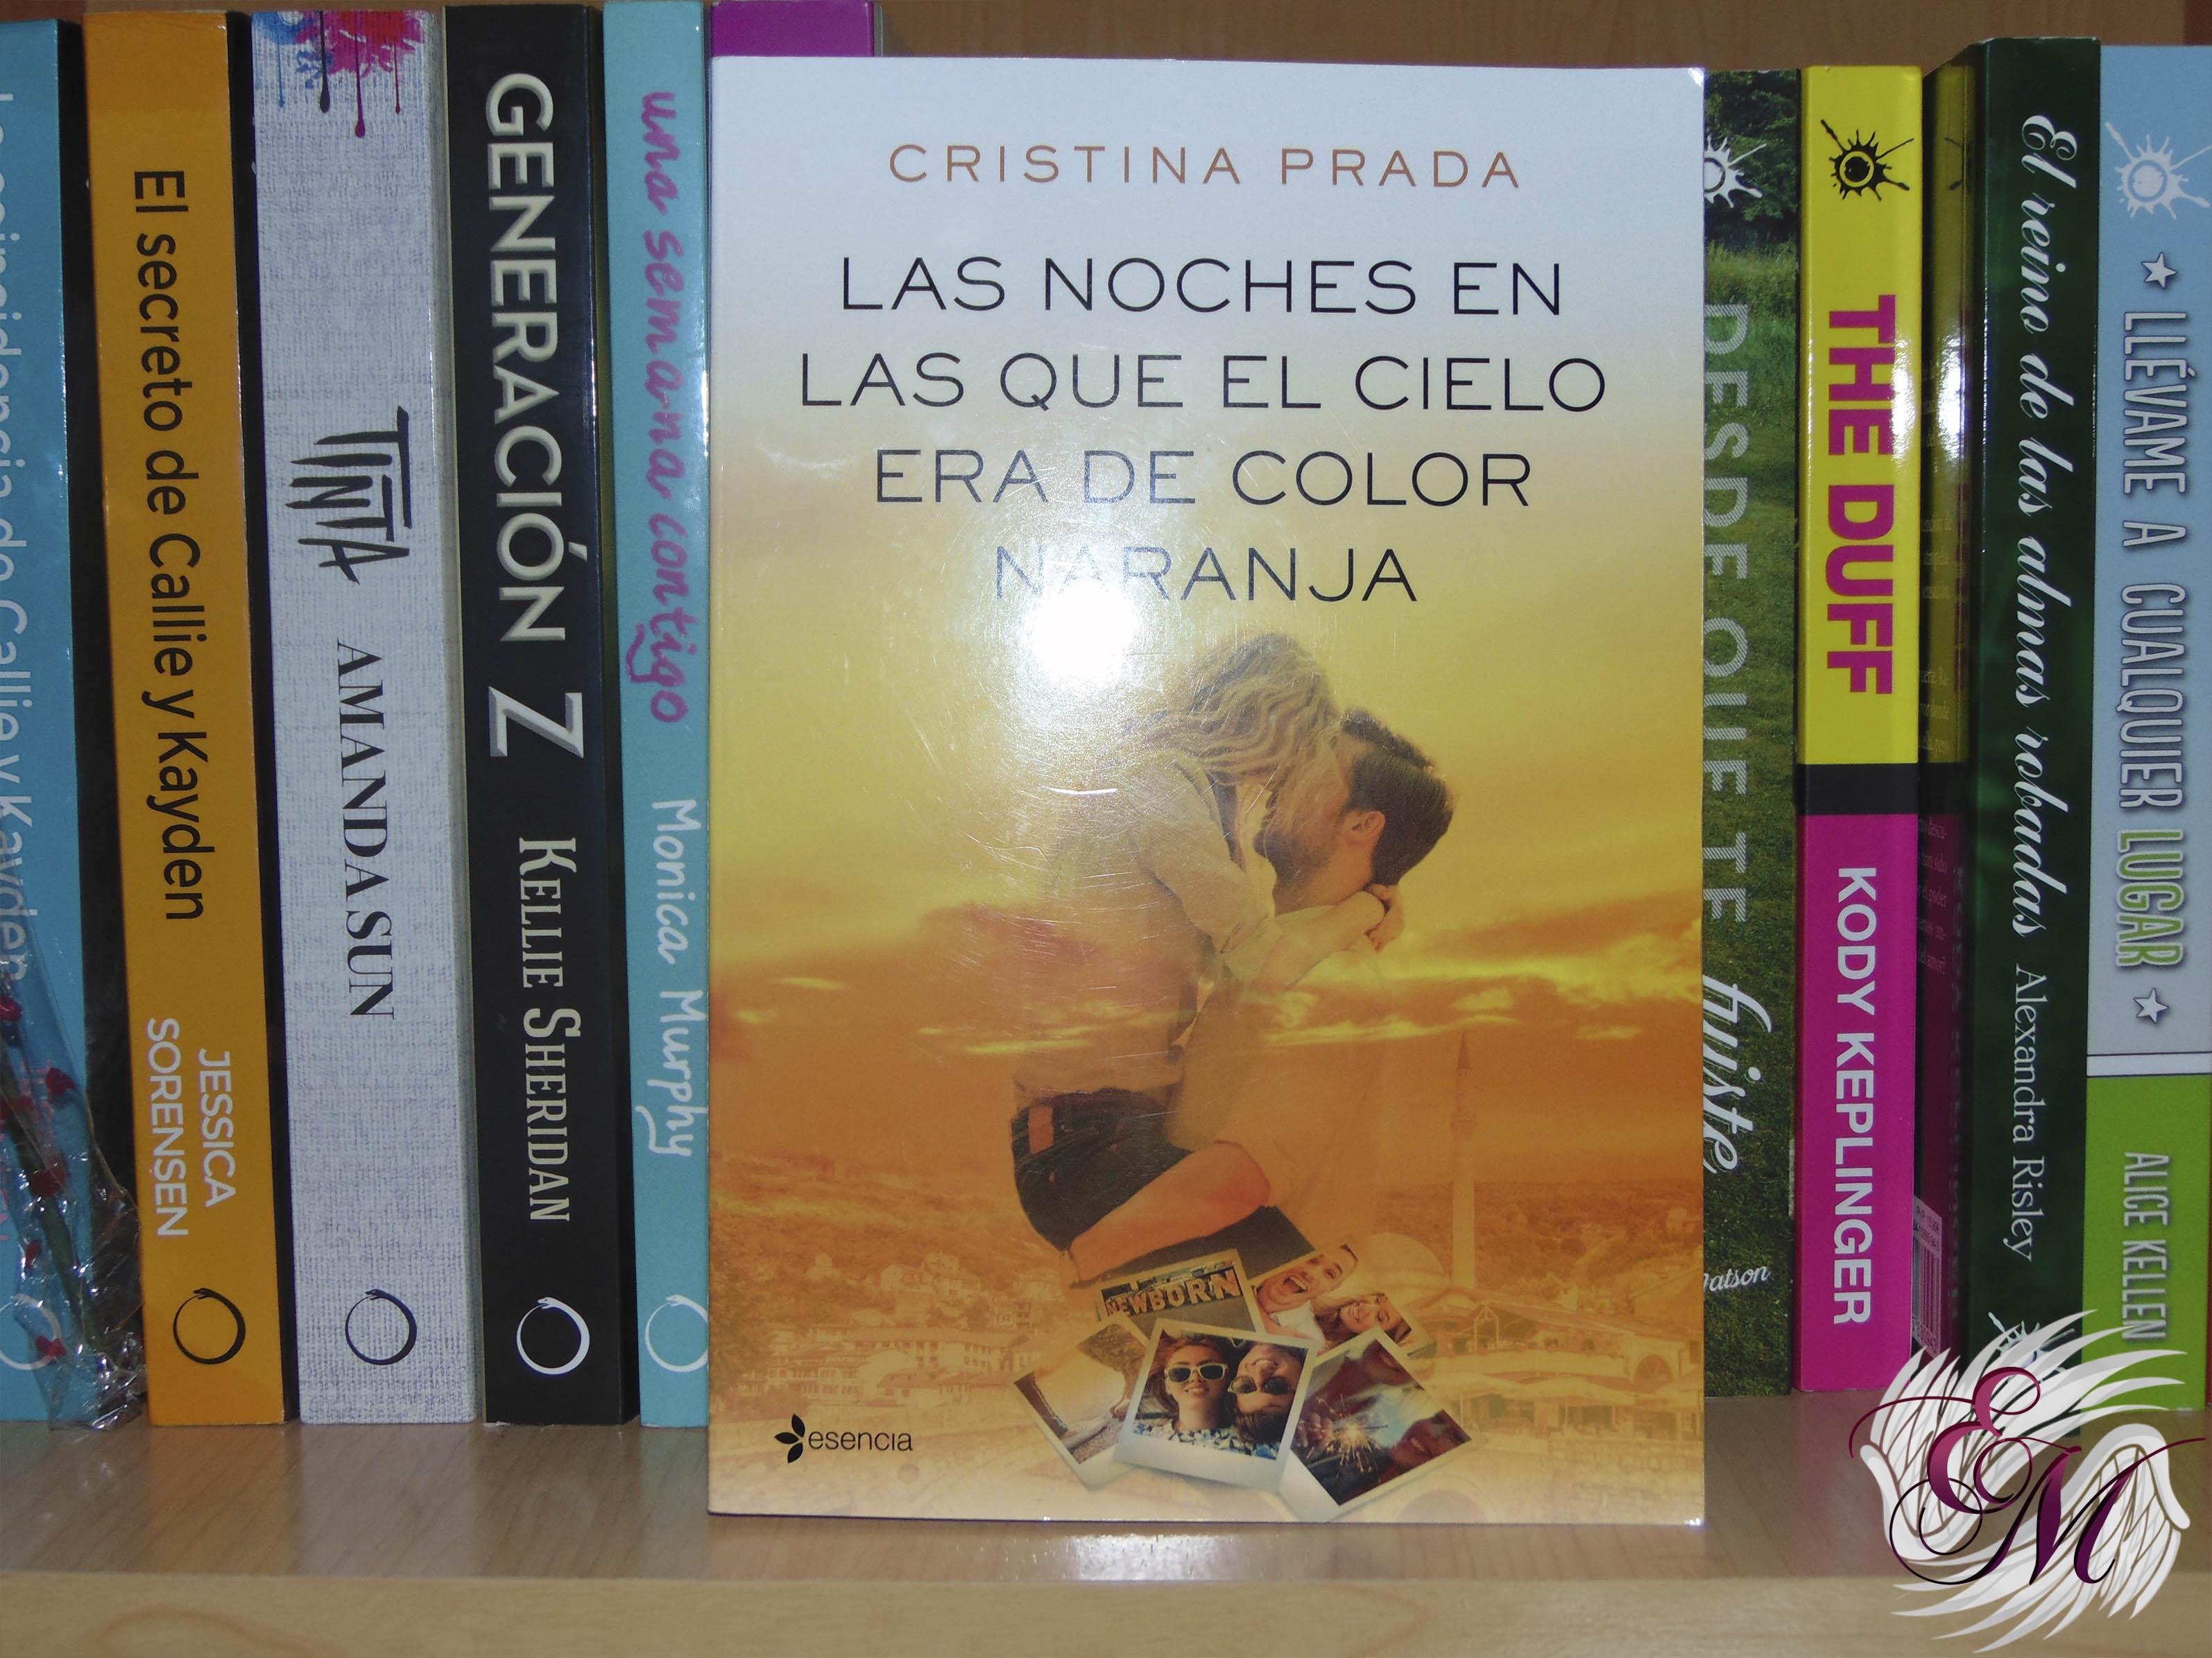 Las noches en las que el cielo era de color naranja, de Cristina Prada - Reseña